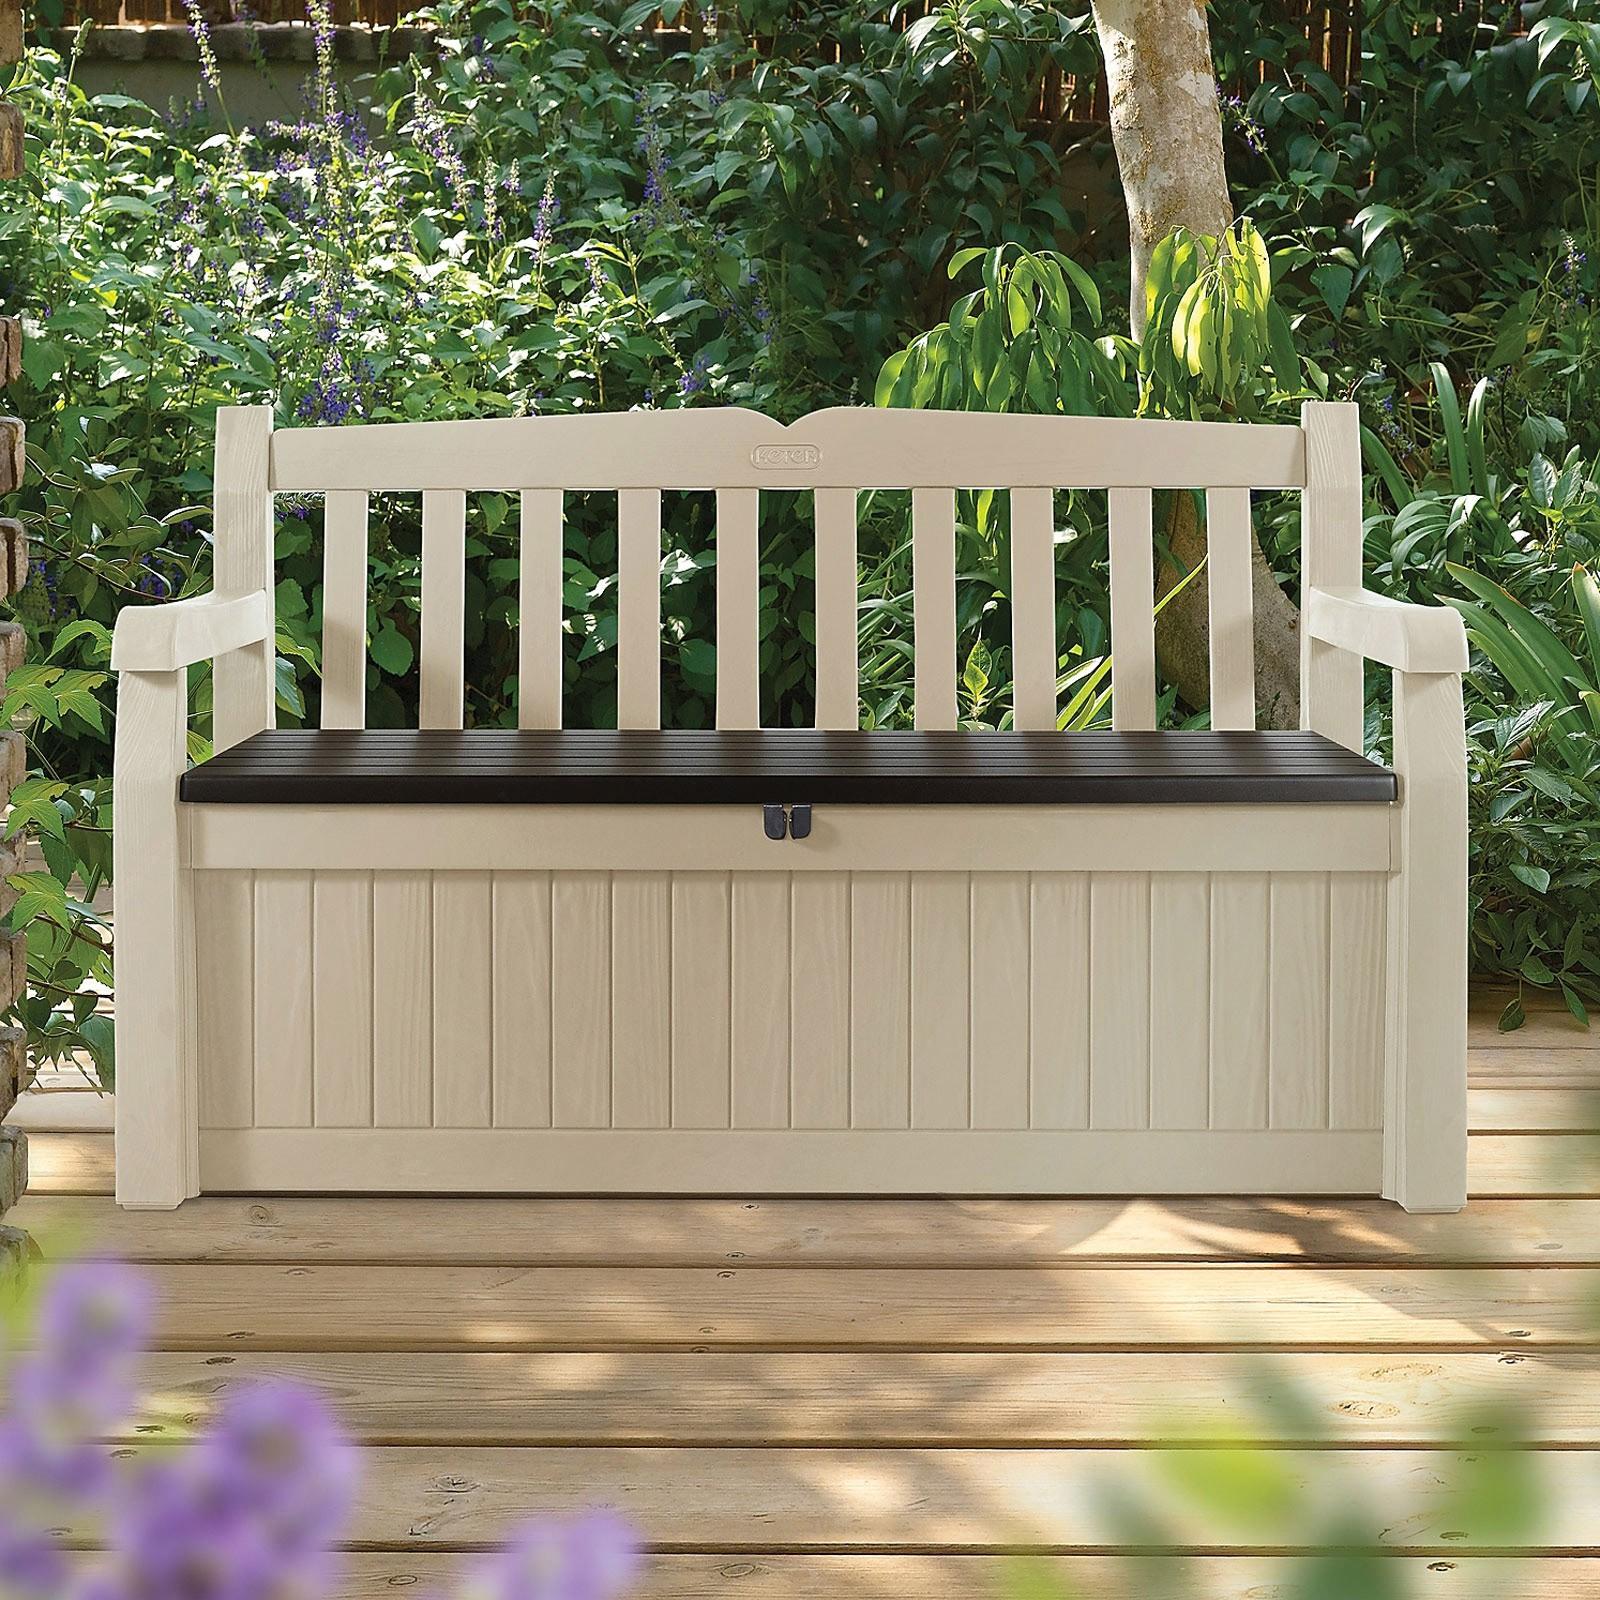 keter aufbewahrungsbox eden mit sitzbank beige braun 265 liter. Black Bedroom Furniture Sets. Home Design Ideas